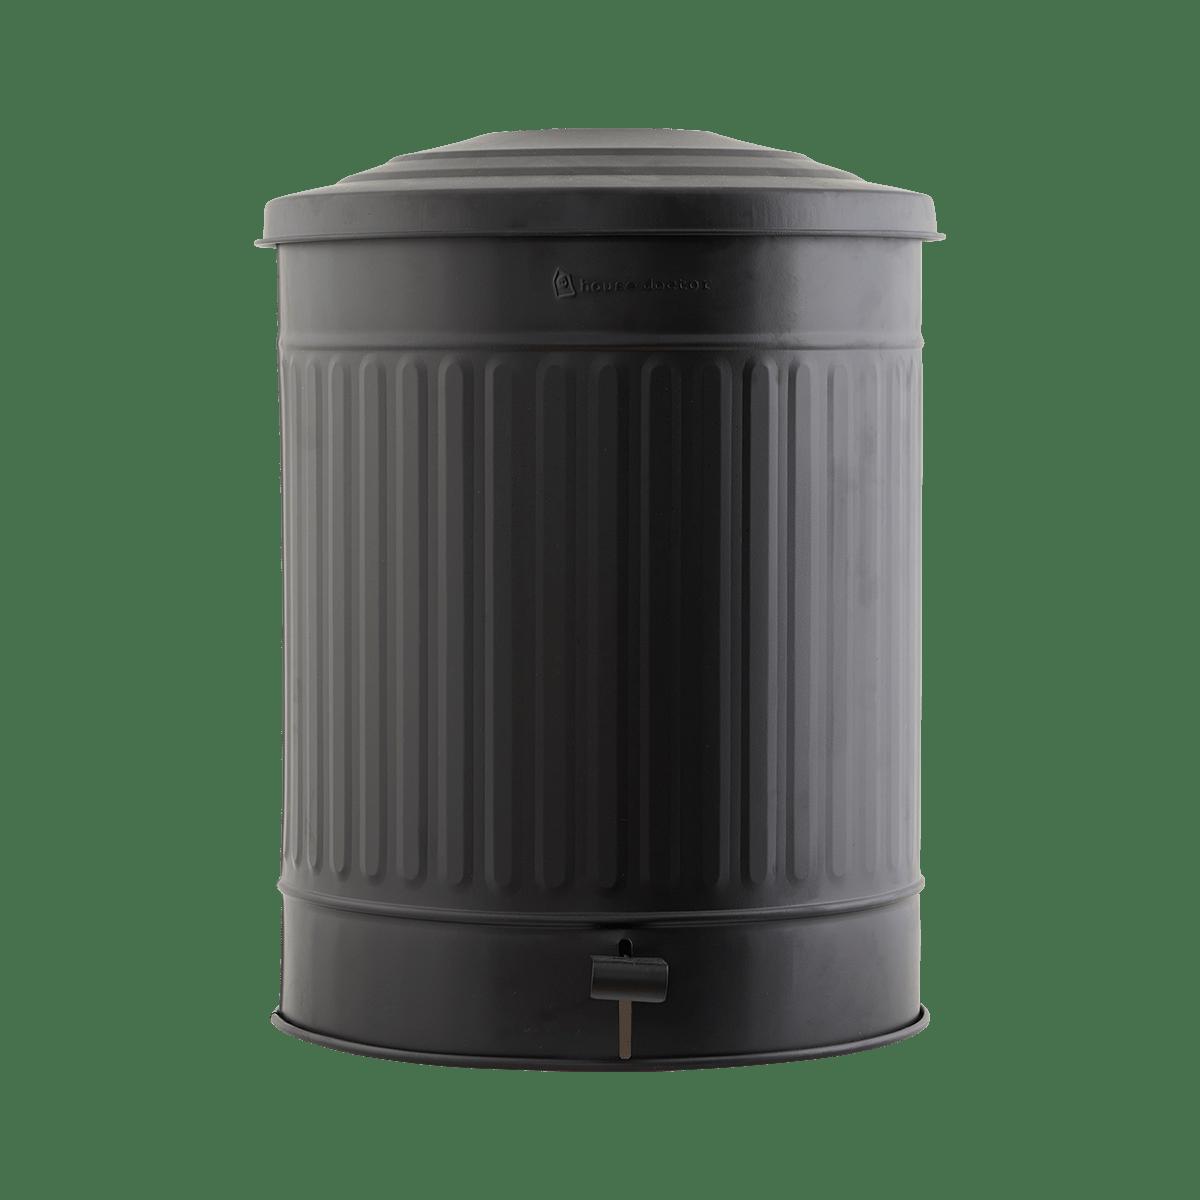 Matně černý koš na odpadky Ø37x48 cm